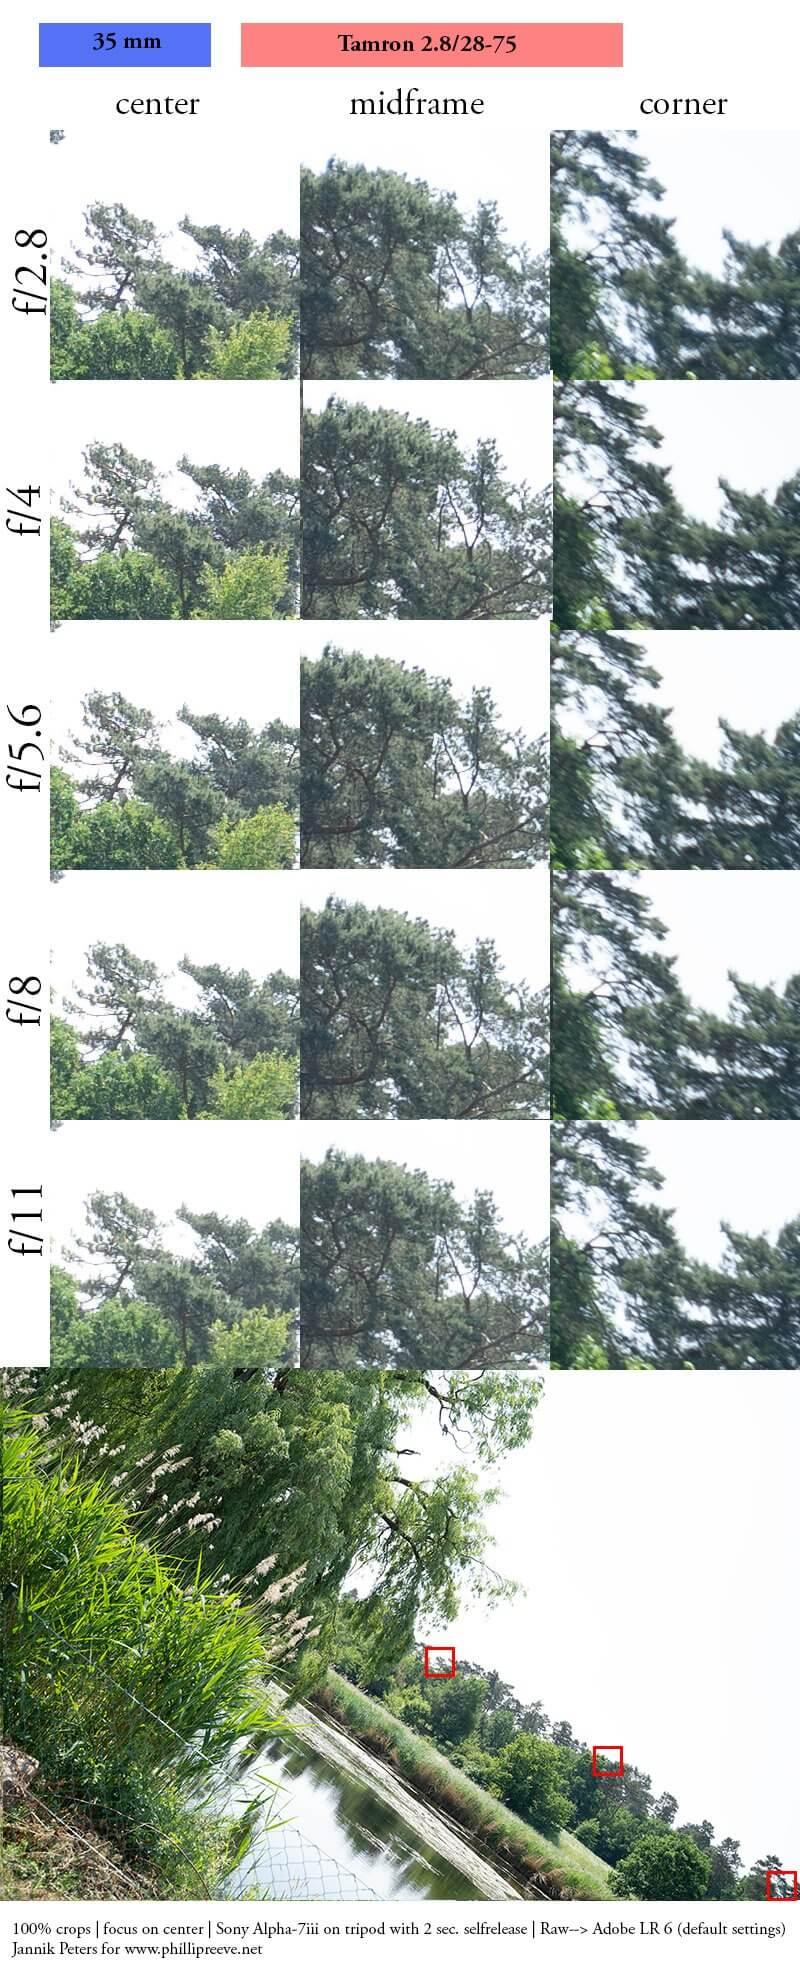 รีวิว Tamron 28 75mm F2 8 DI III RXD For Sony FE ความคมที่ 35mm